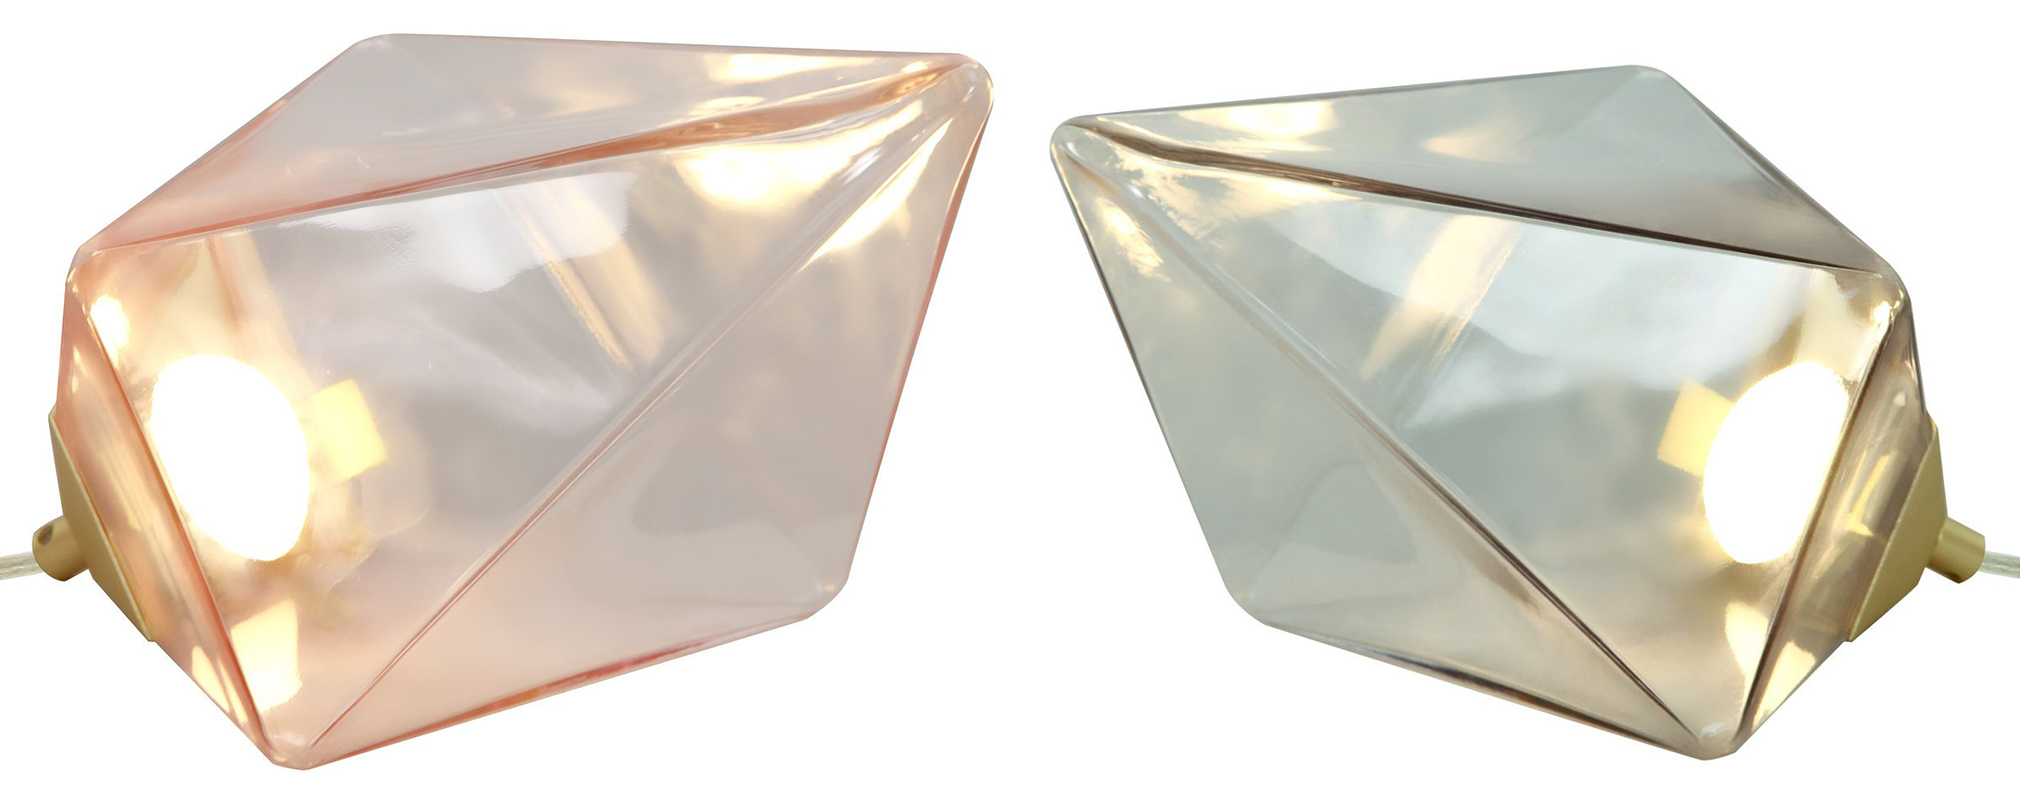 Светильник Prism от Sarah Colson